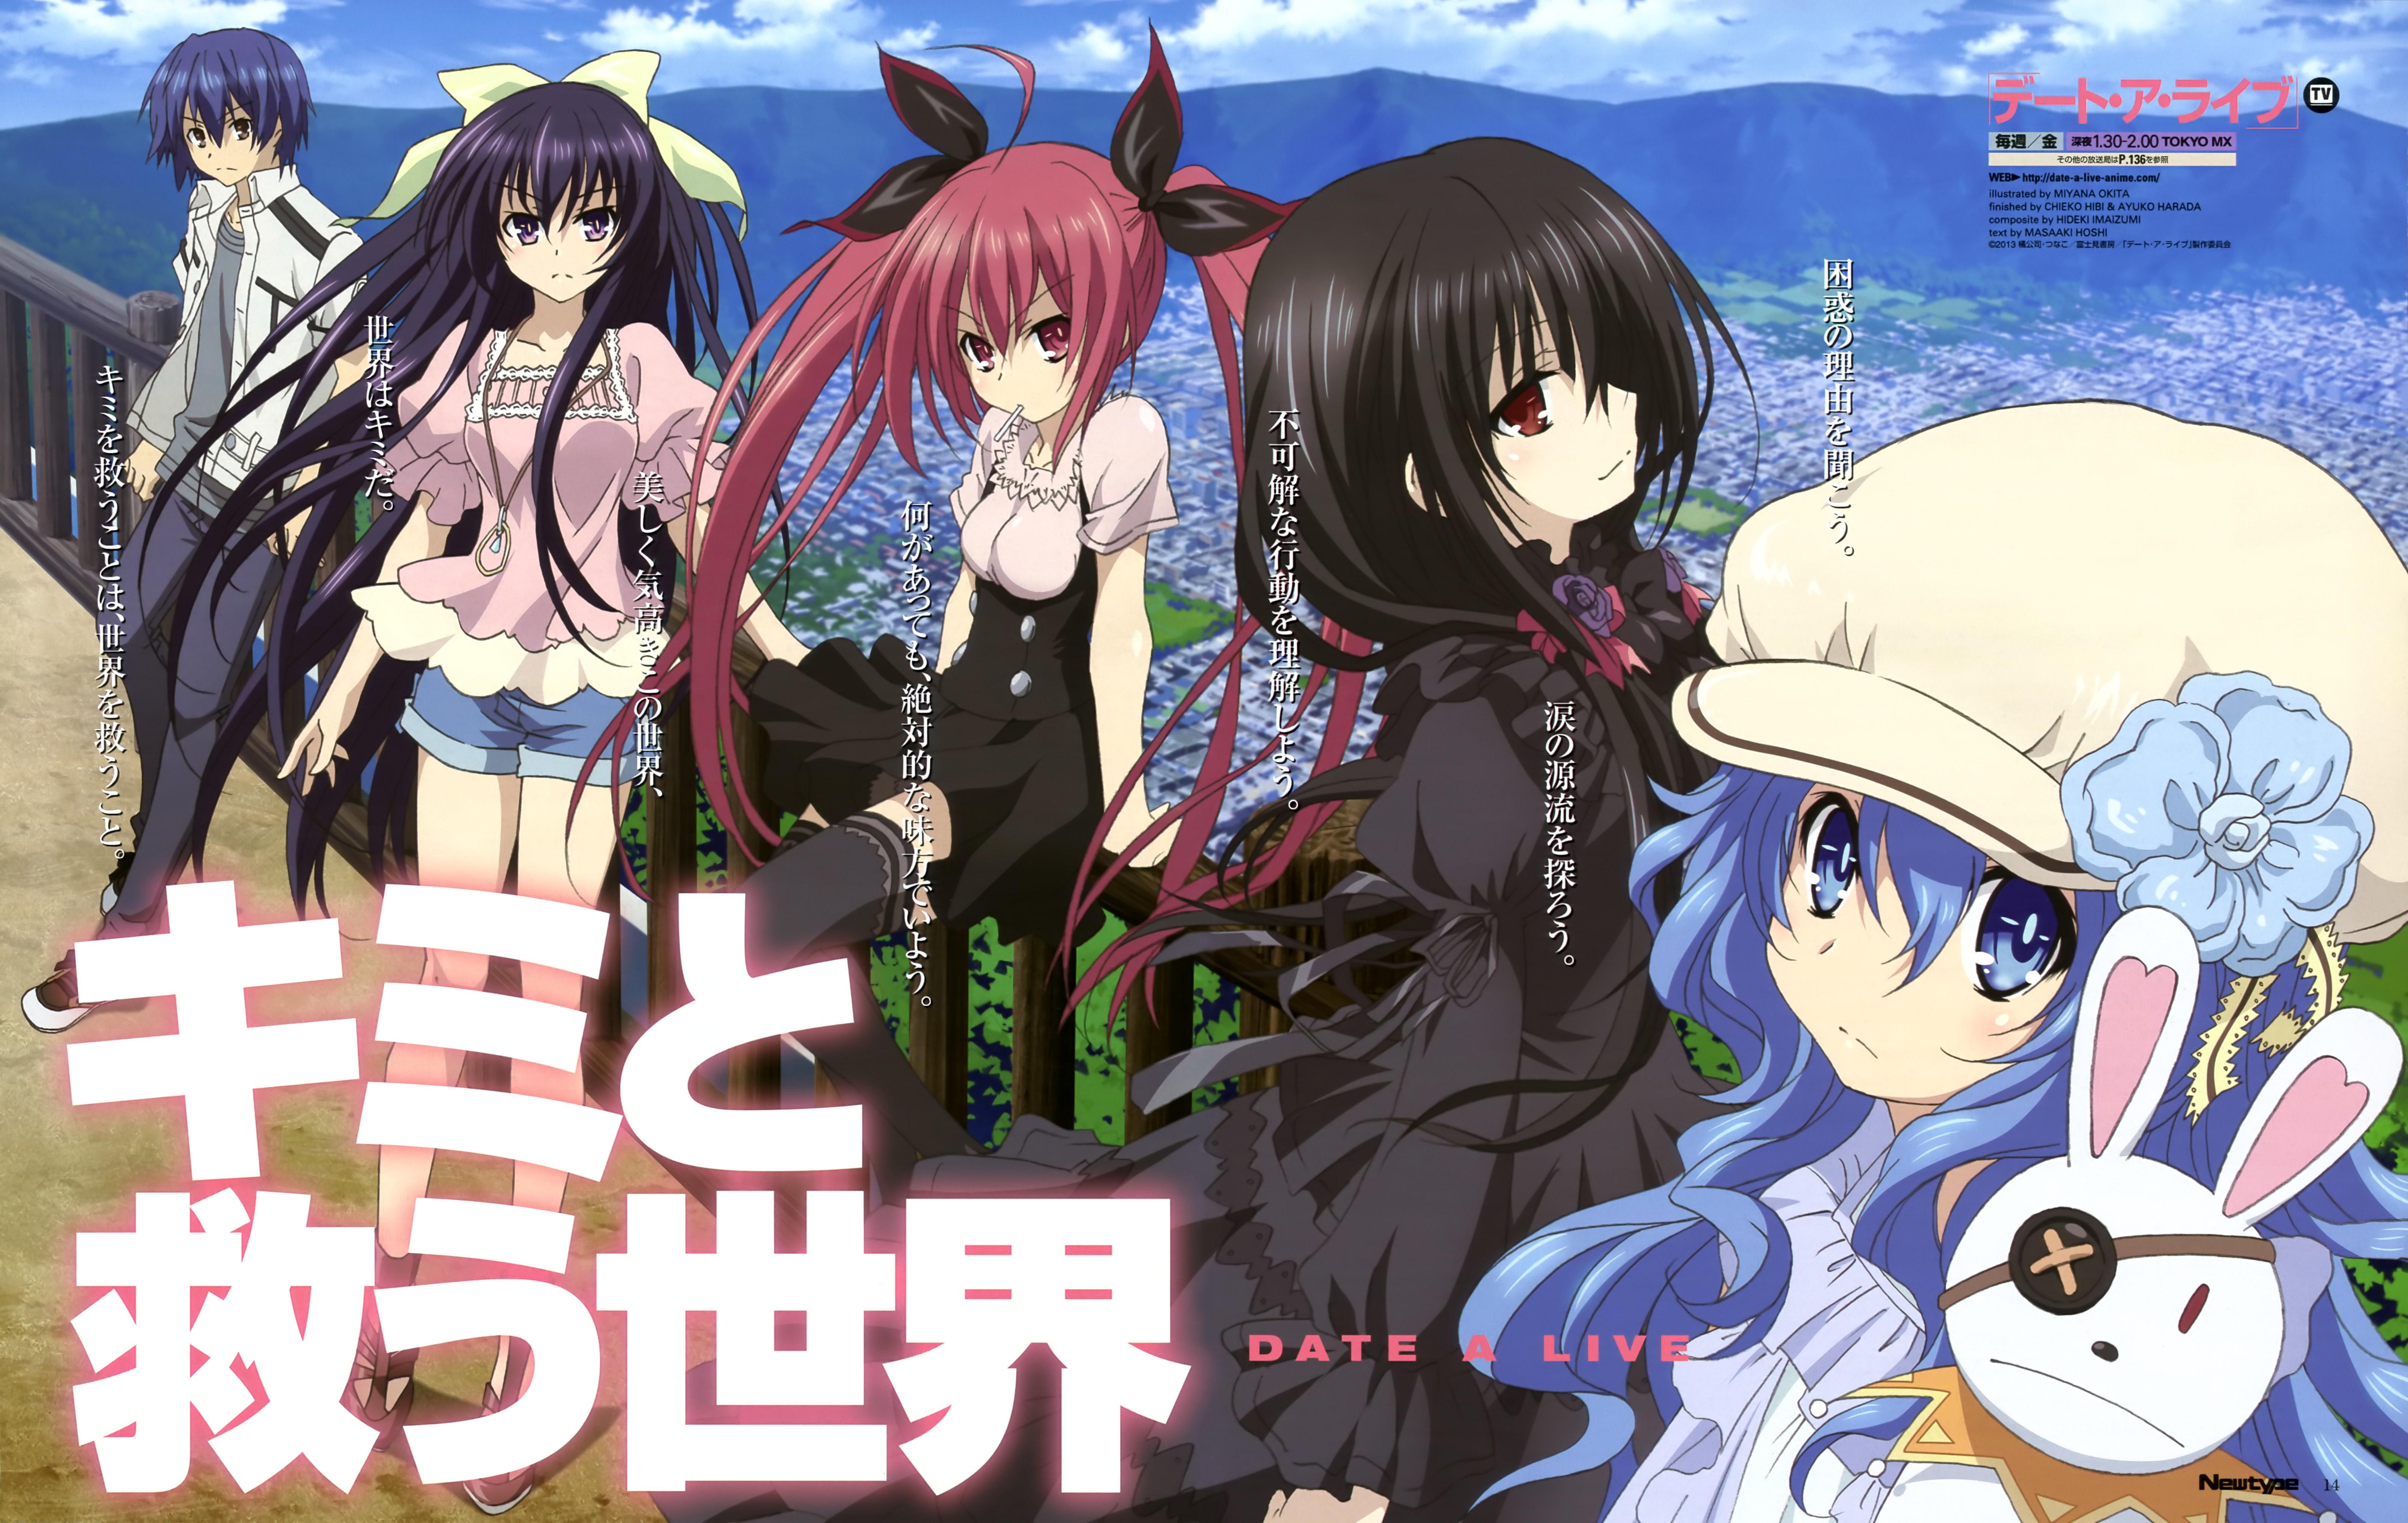 Date A Live - Zerochan Anime Image Board